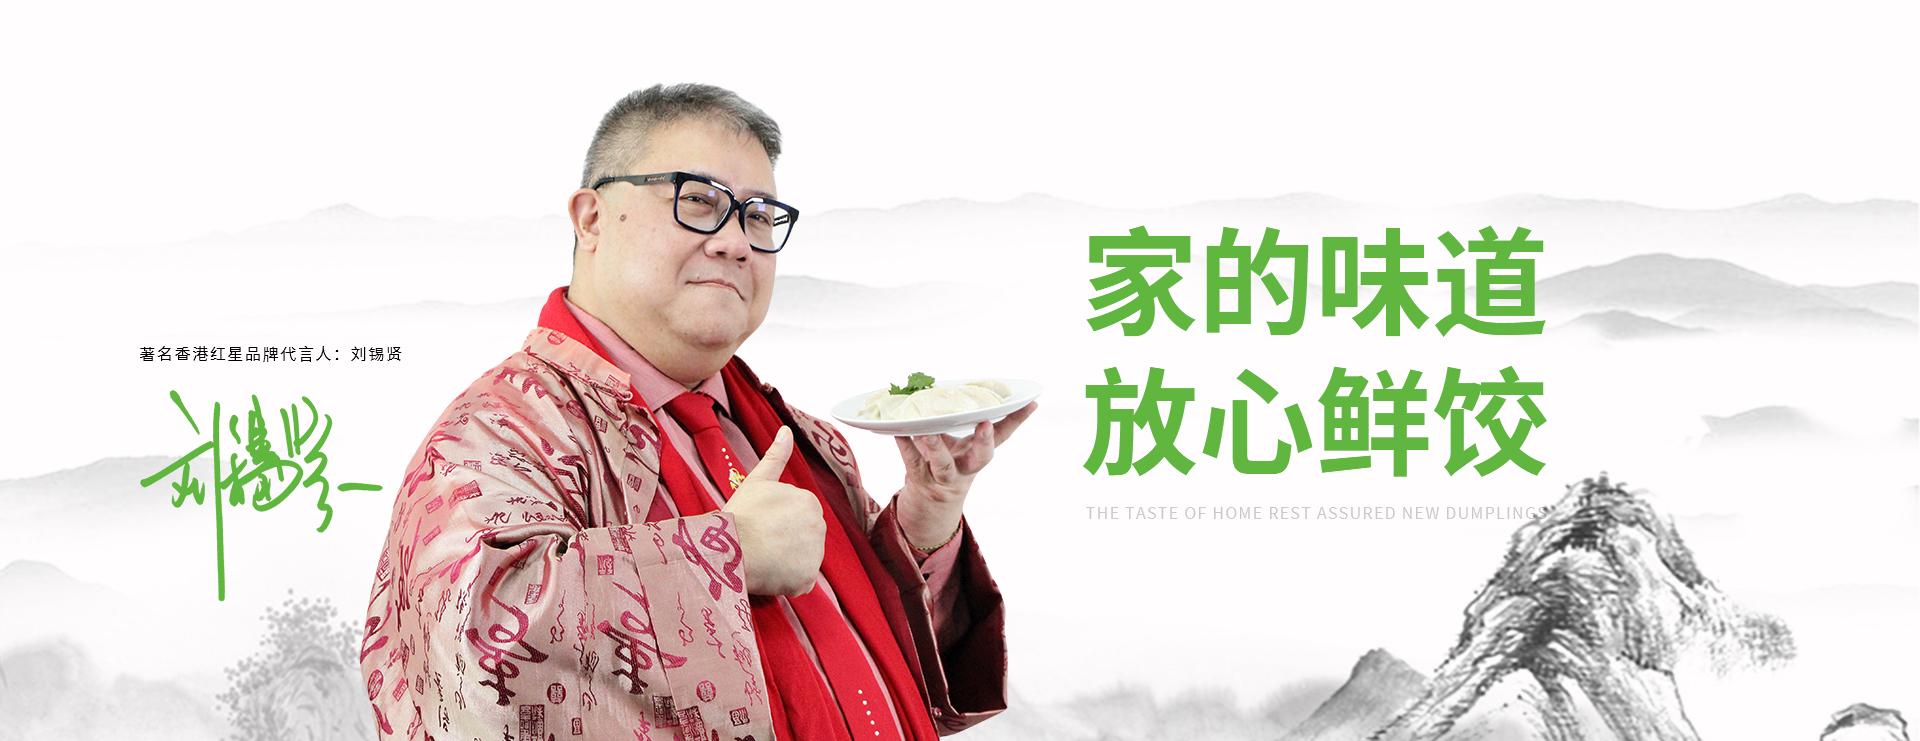 饺子加盟,饺子店加盟,水饺店加盟